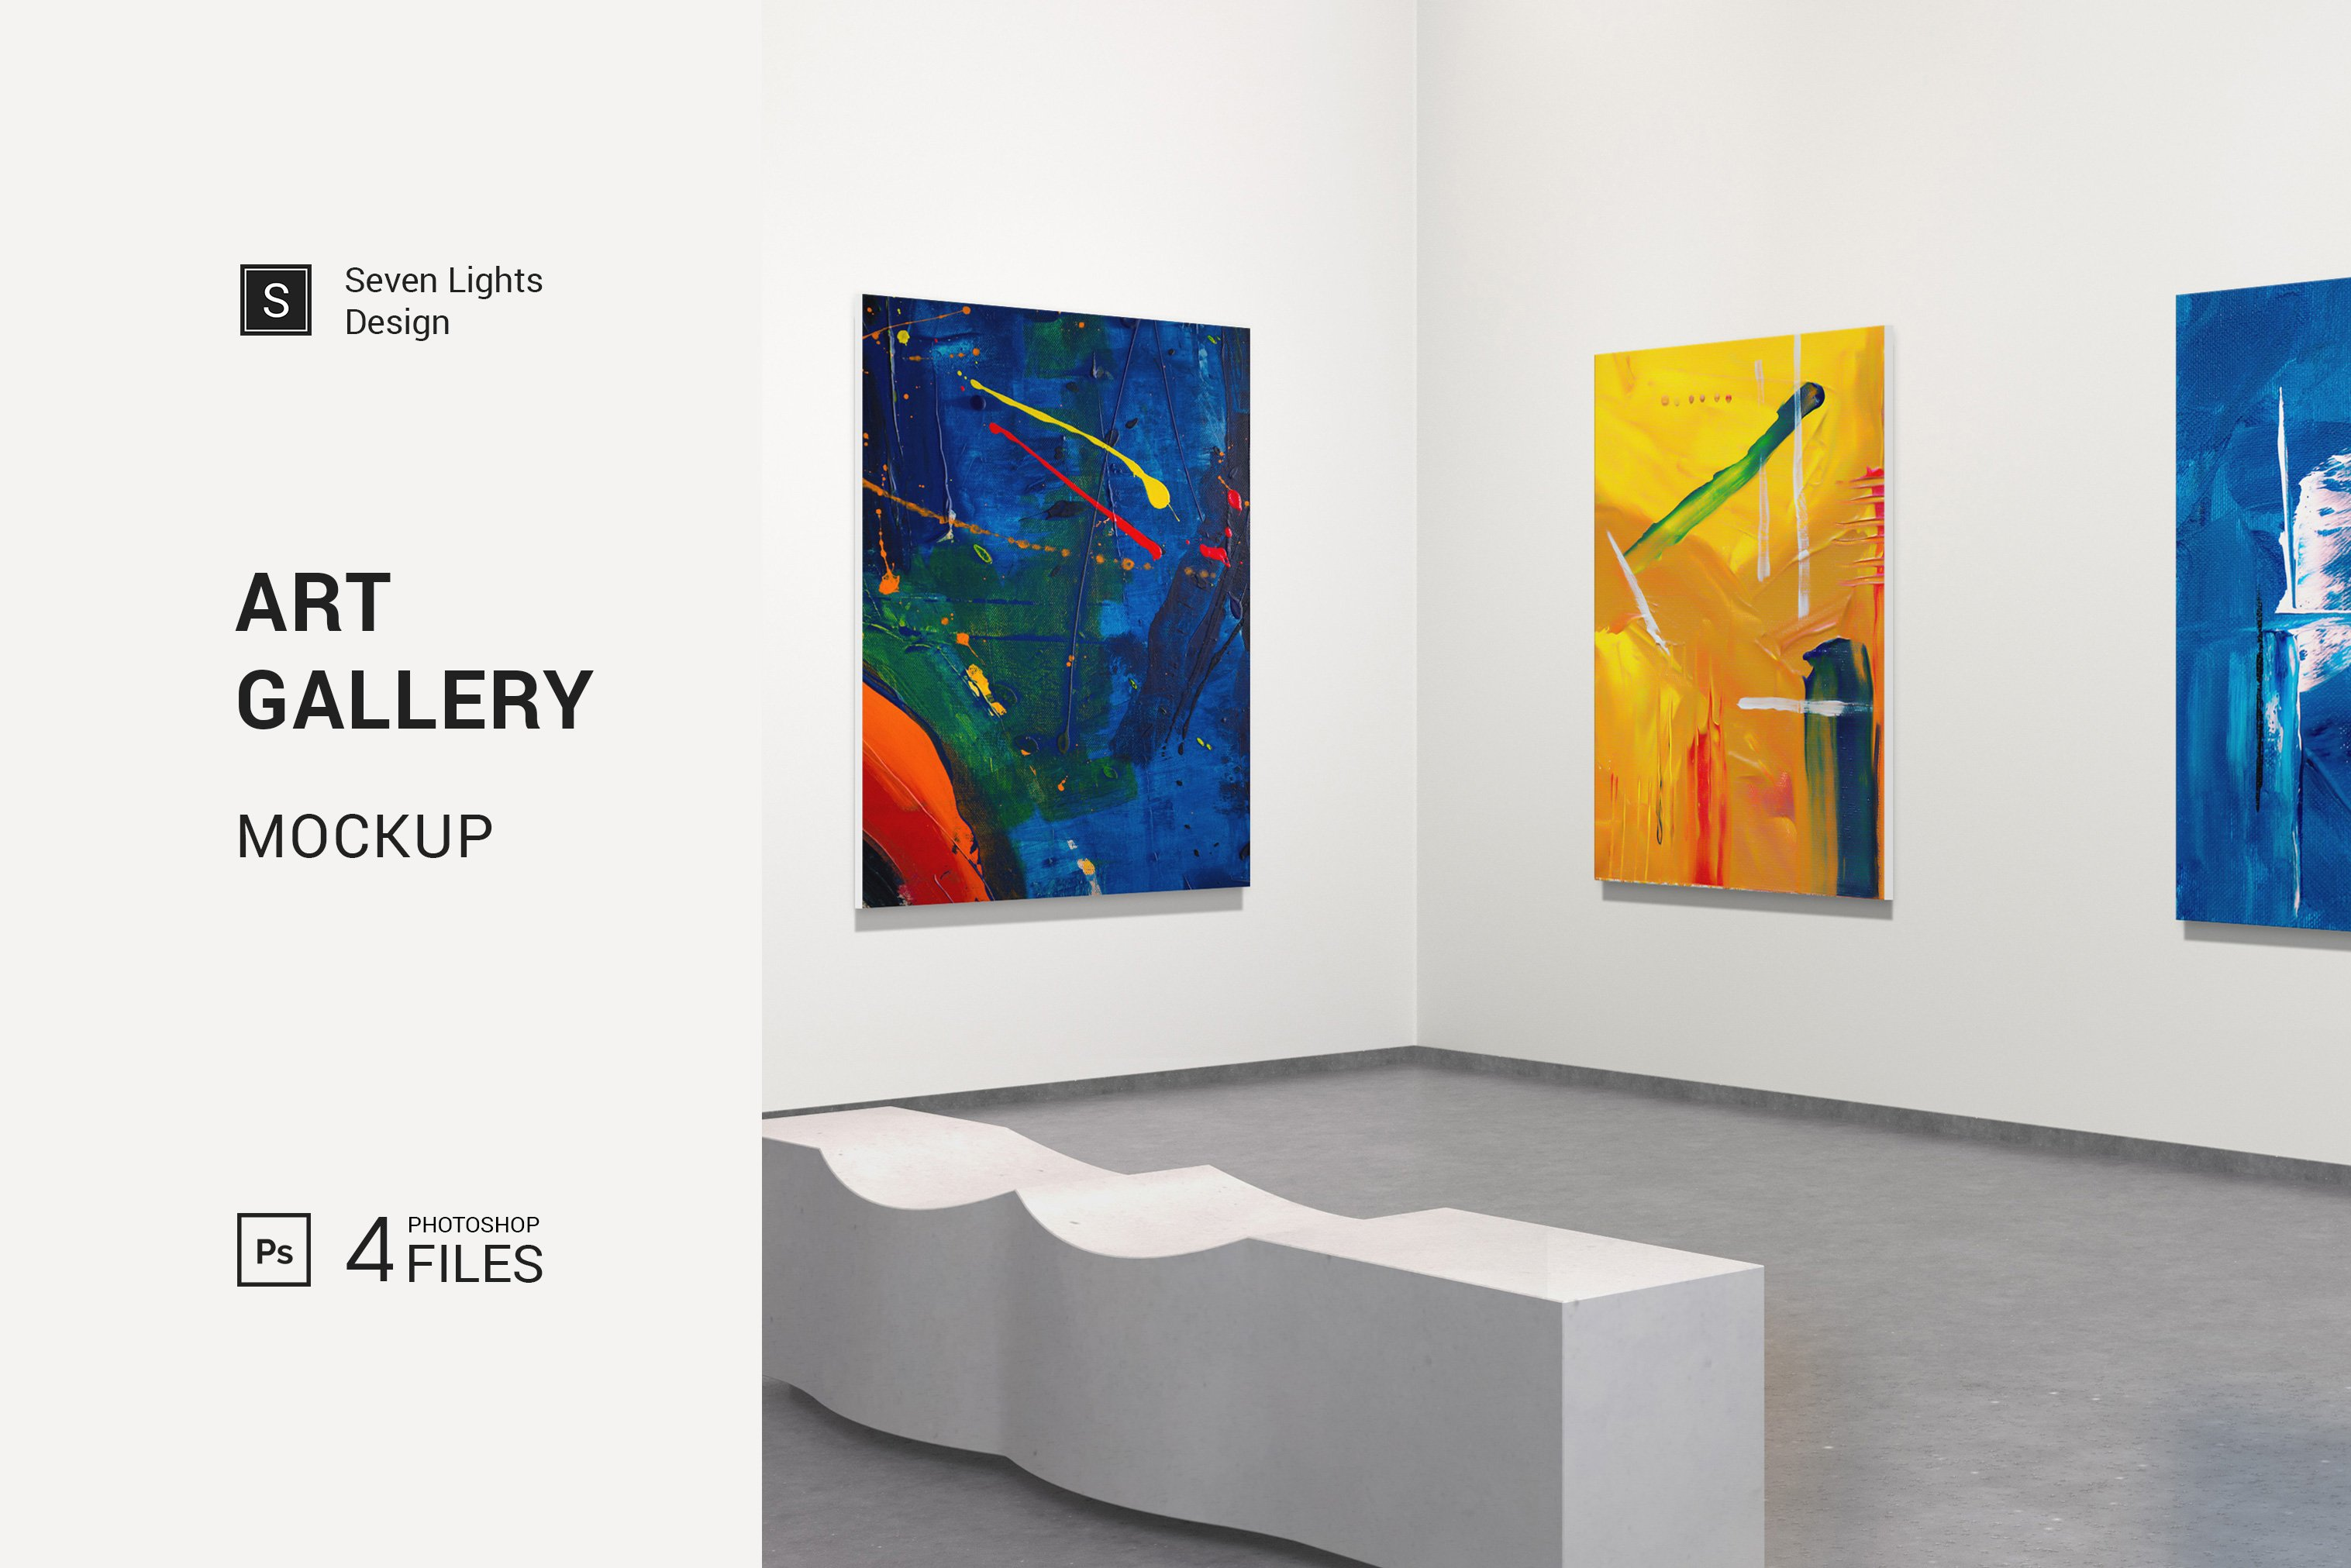 美术馆绘画艺术品相片展示样机模板 Art Gallery Mockup插图